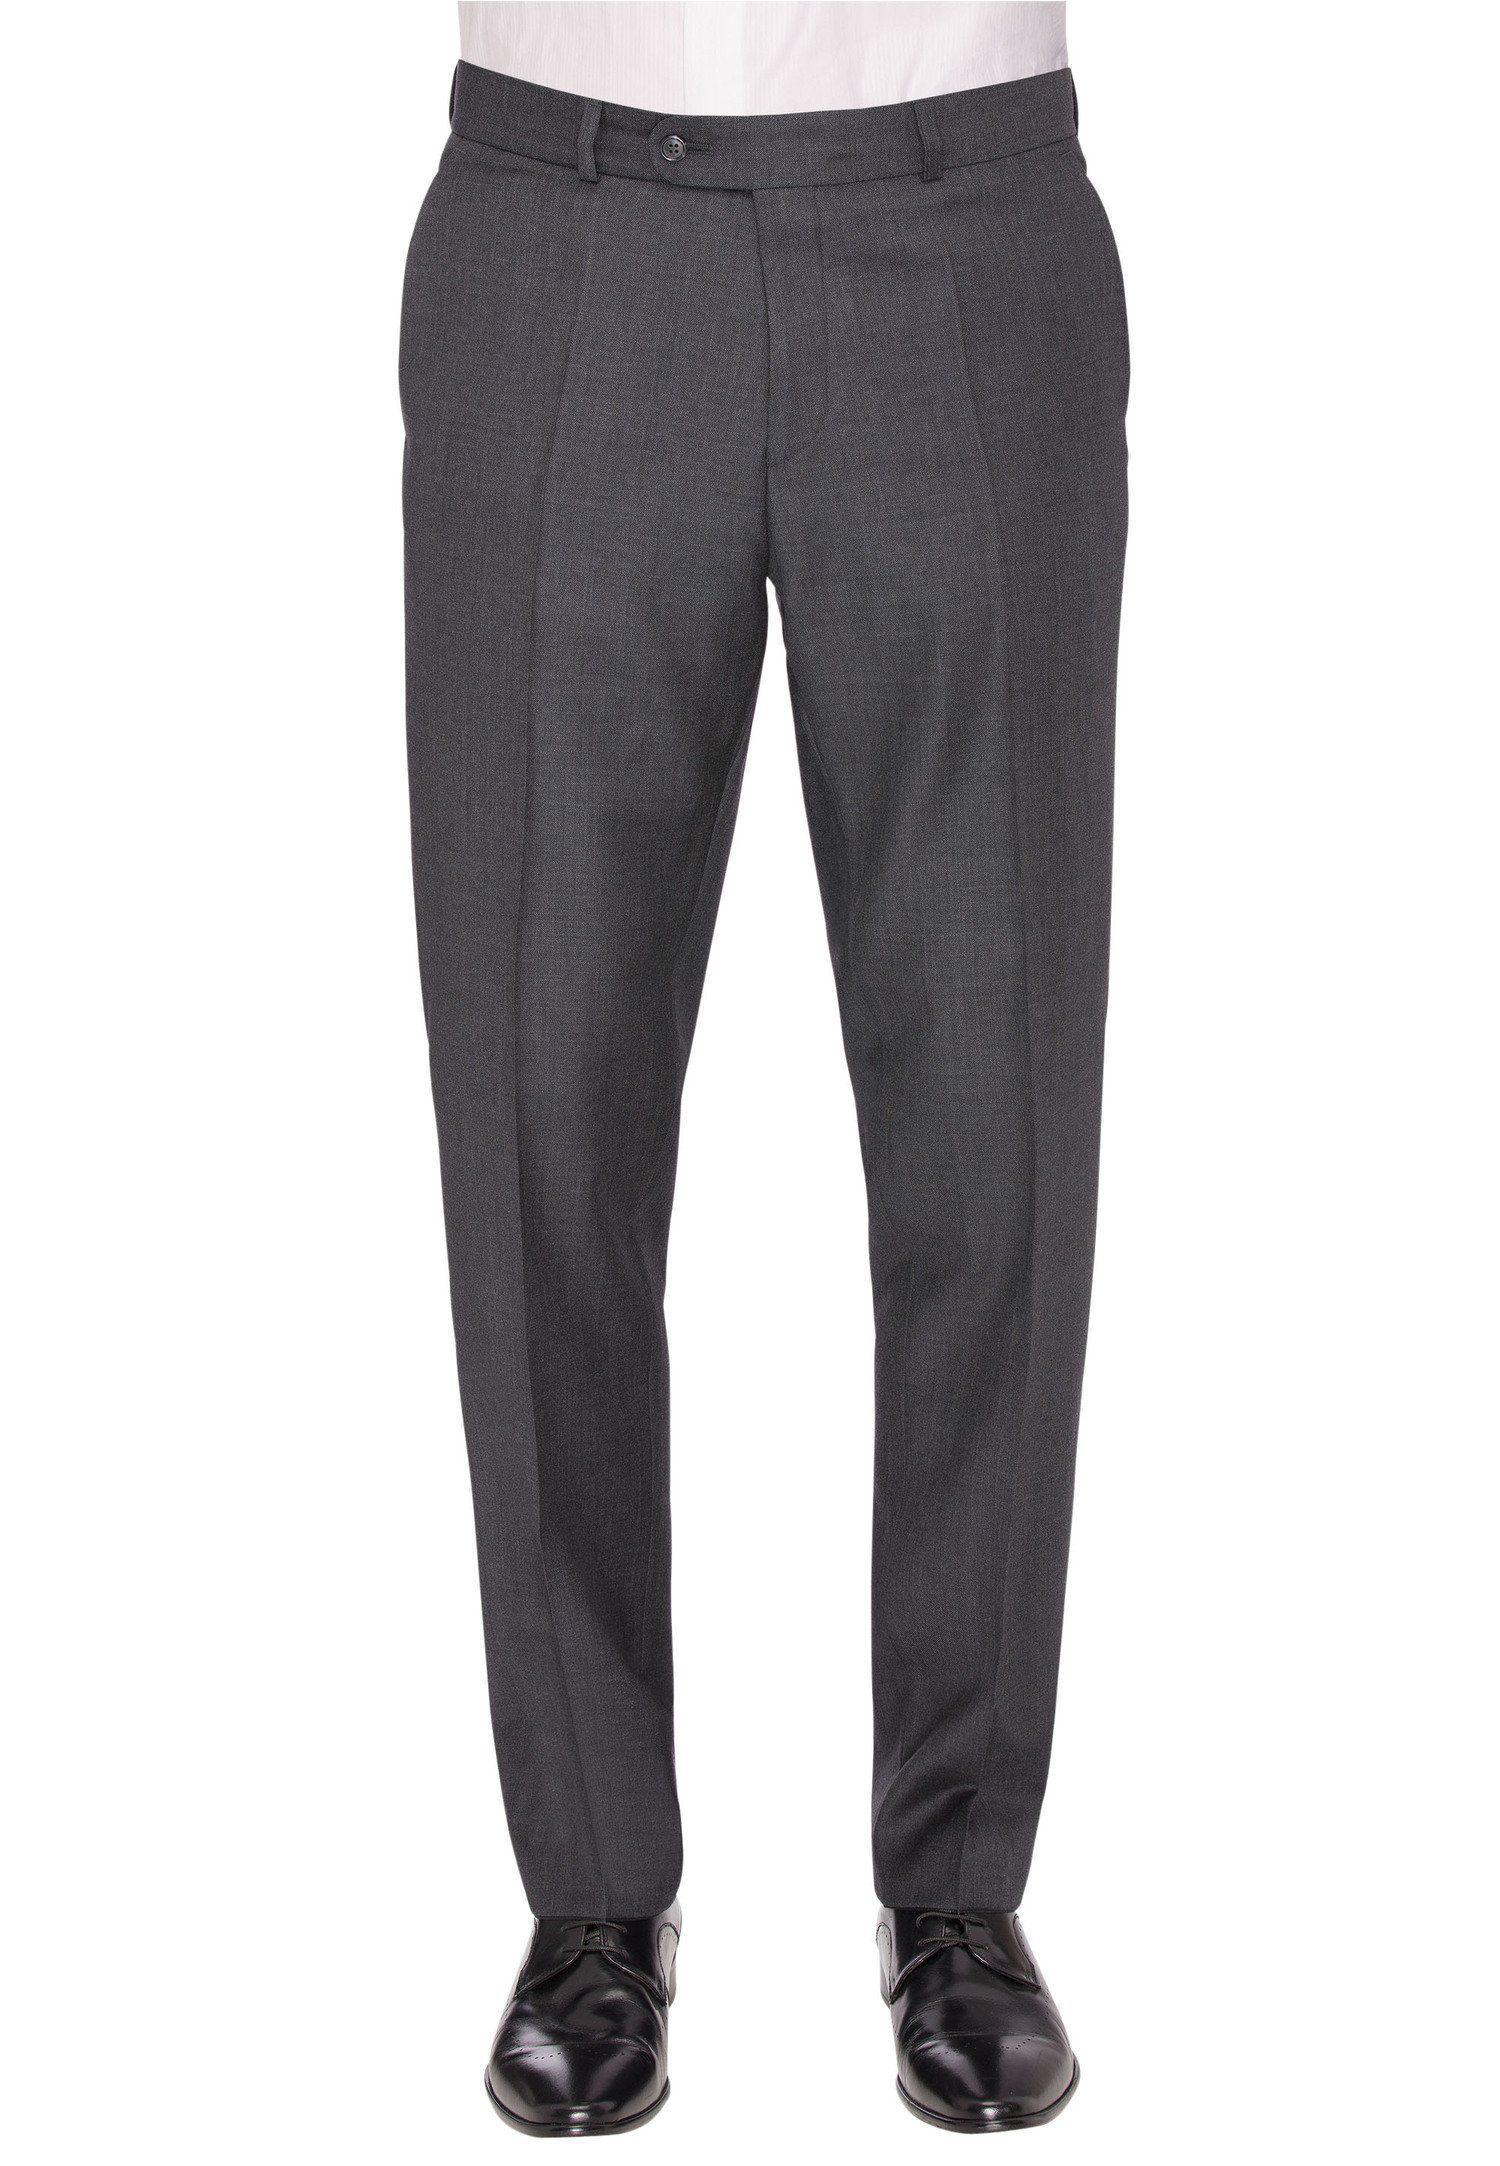 CARL GROSS Anzughose CG Sascha_G | Bekleidung > Hosen > Anzughosen | Grau | Baumwolle | Carl Gross